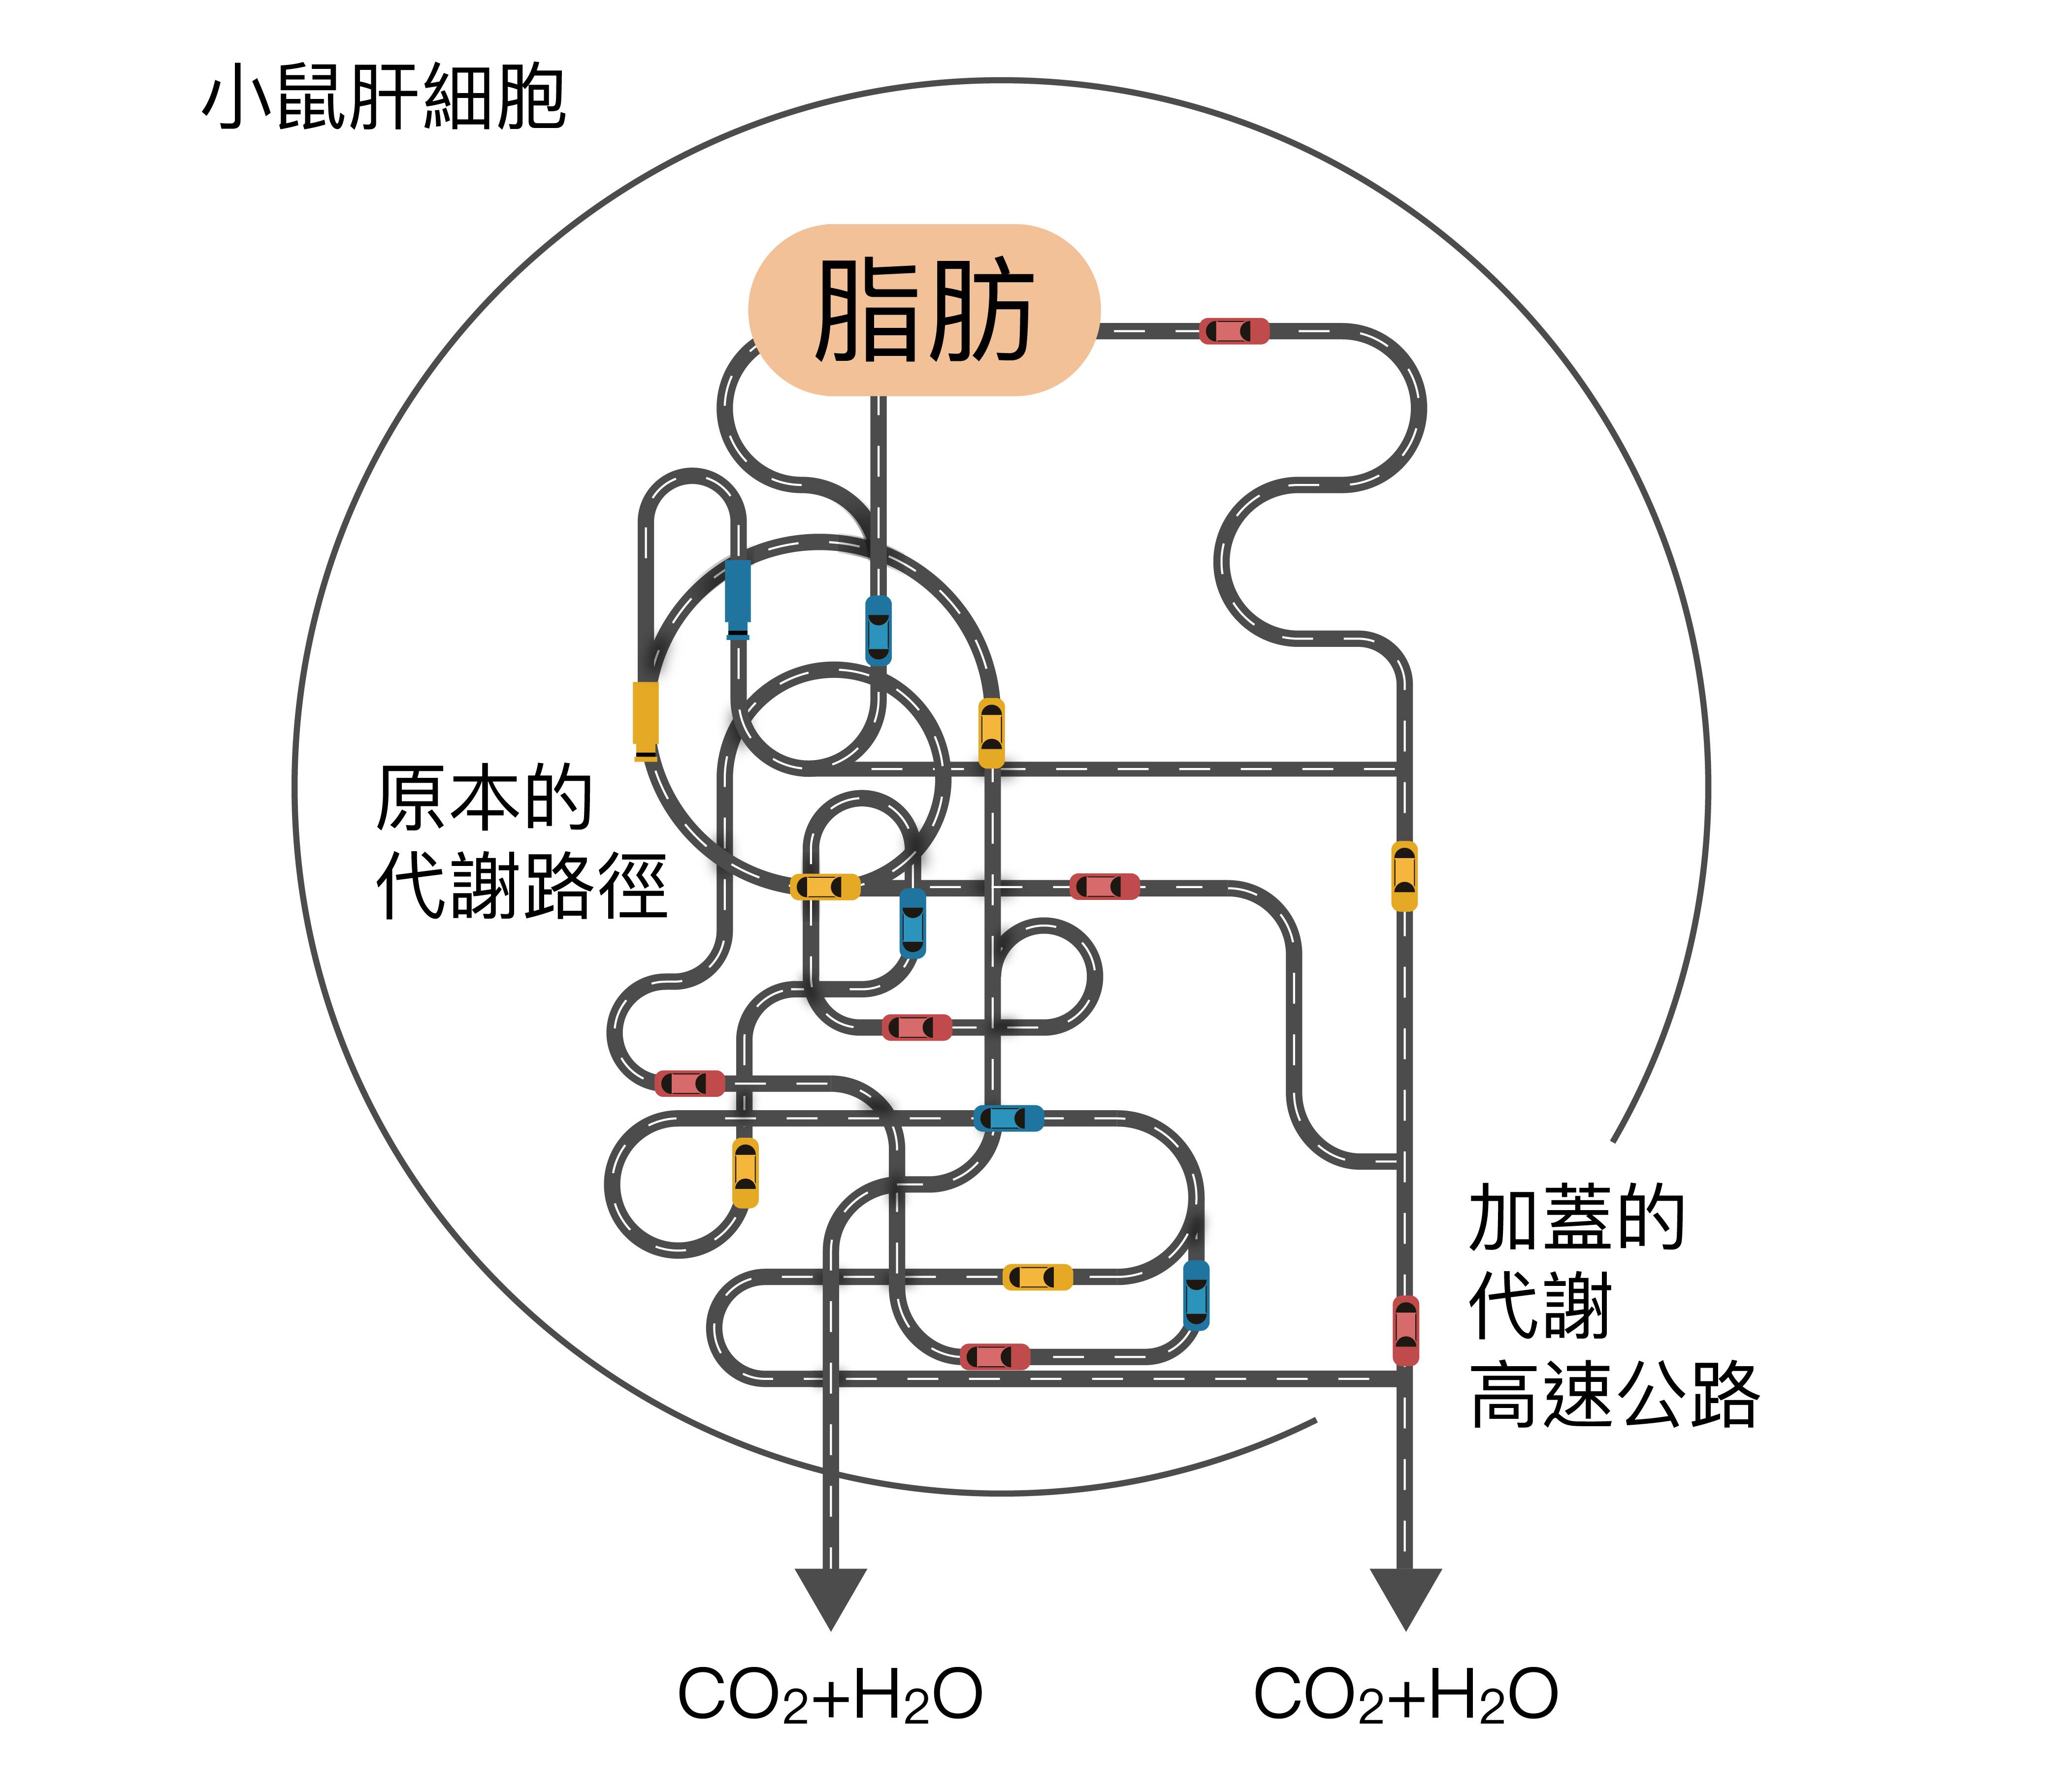 廖俊智與研究團隊加蓋的「高速公路」,由「酶」堆砌而成,用來幫助代謝脂肪。 資料來源│廖俊智說明 圖說設計│林婷嫻、張語辰